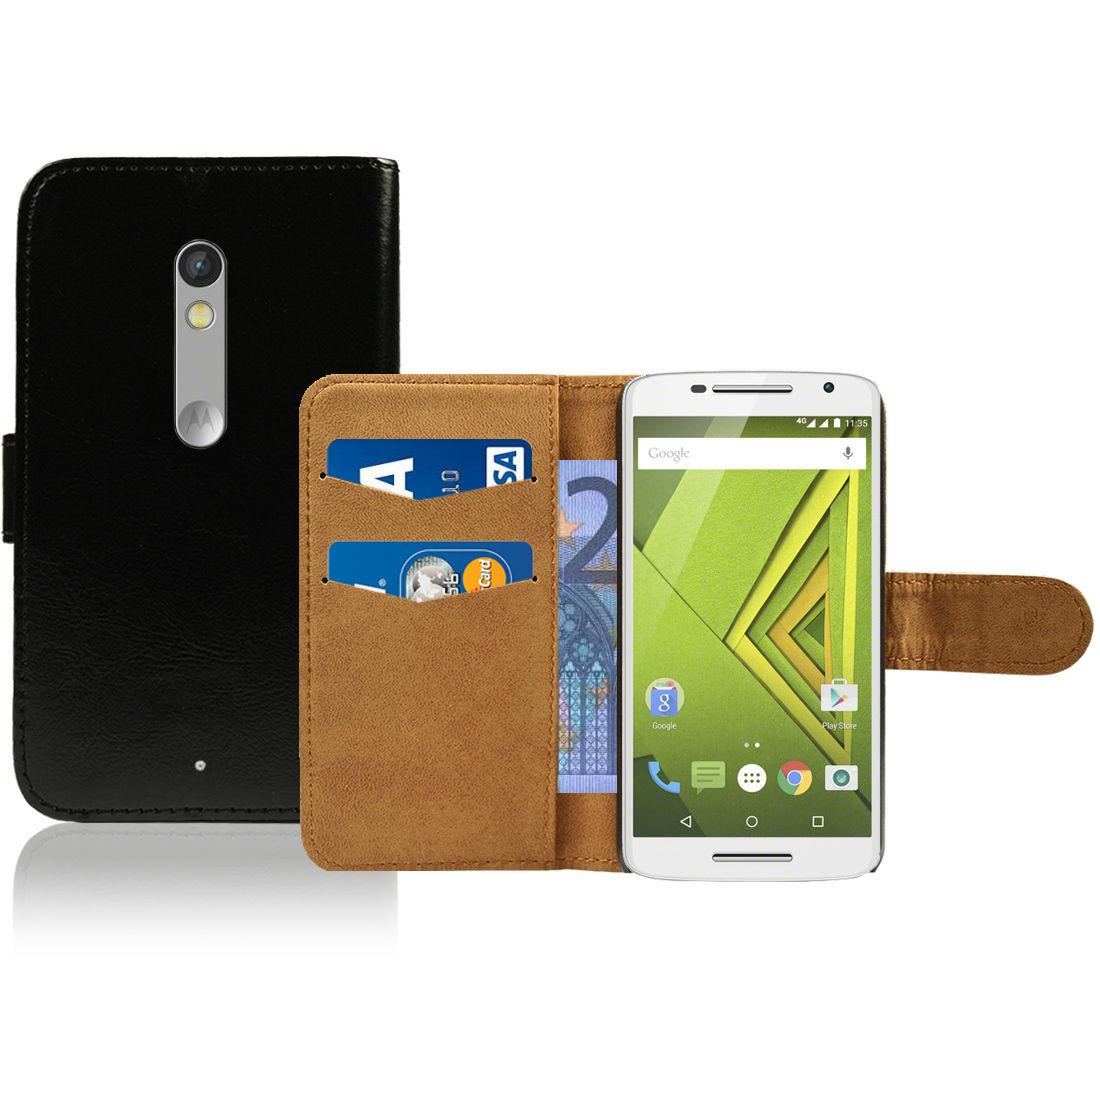 Pouzdro pro Motorola Moto X Play černé